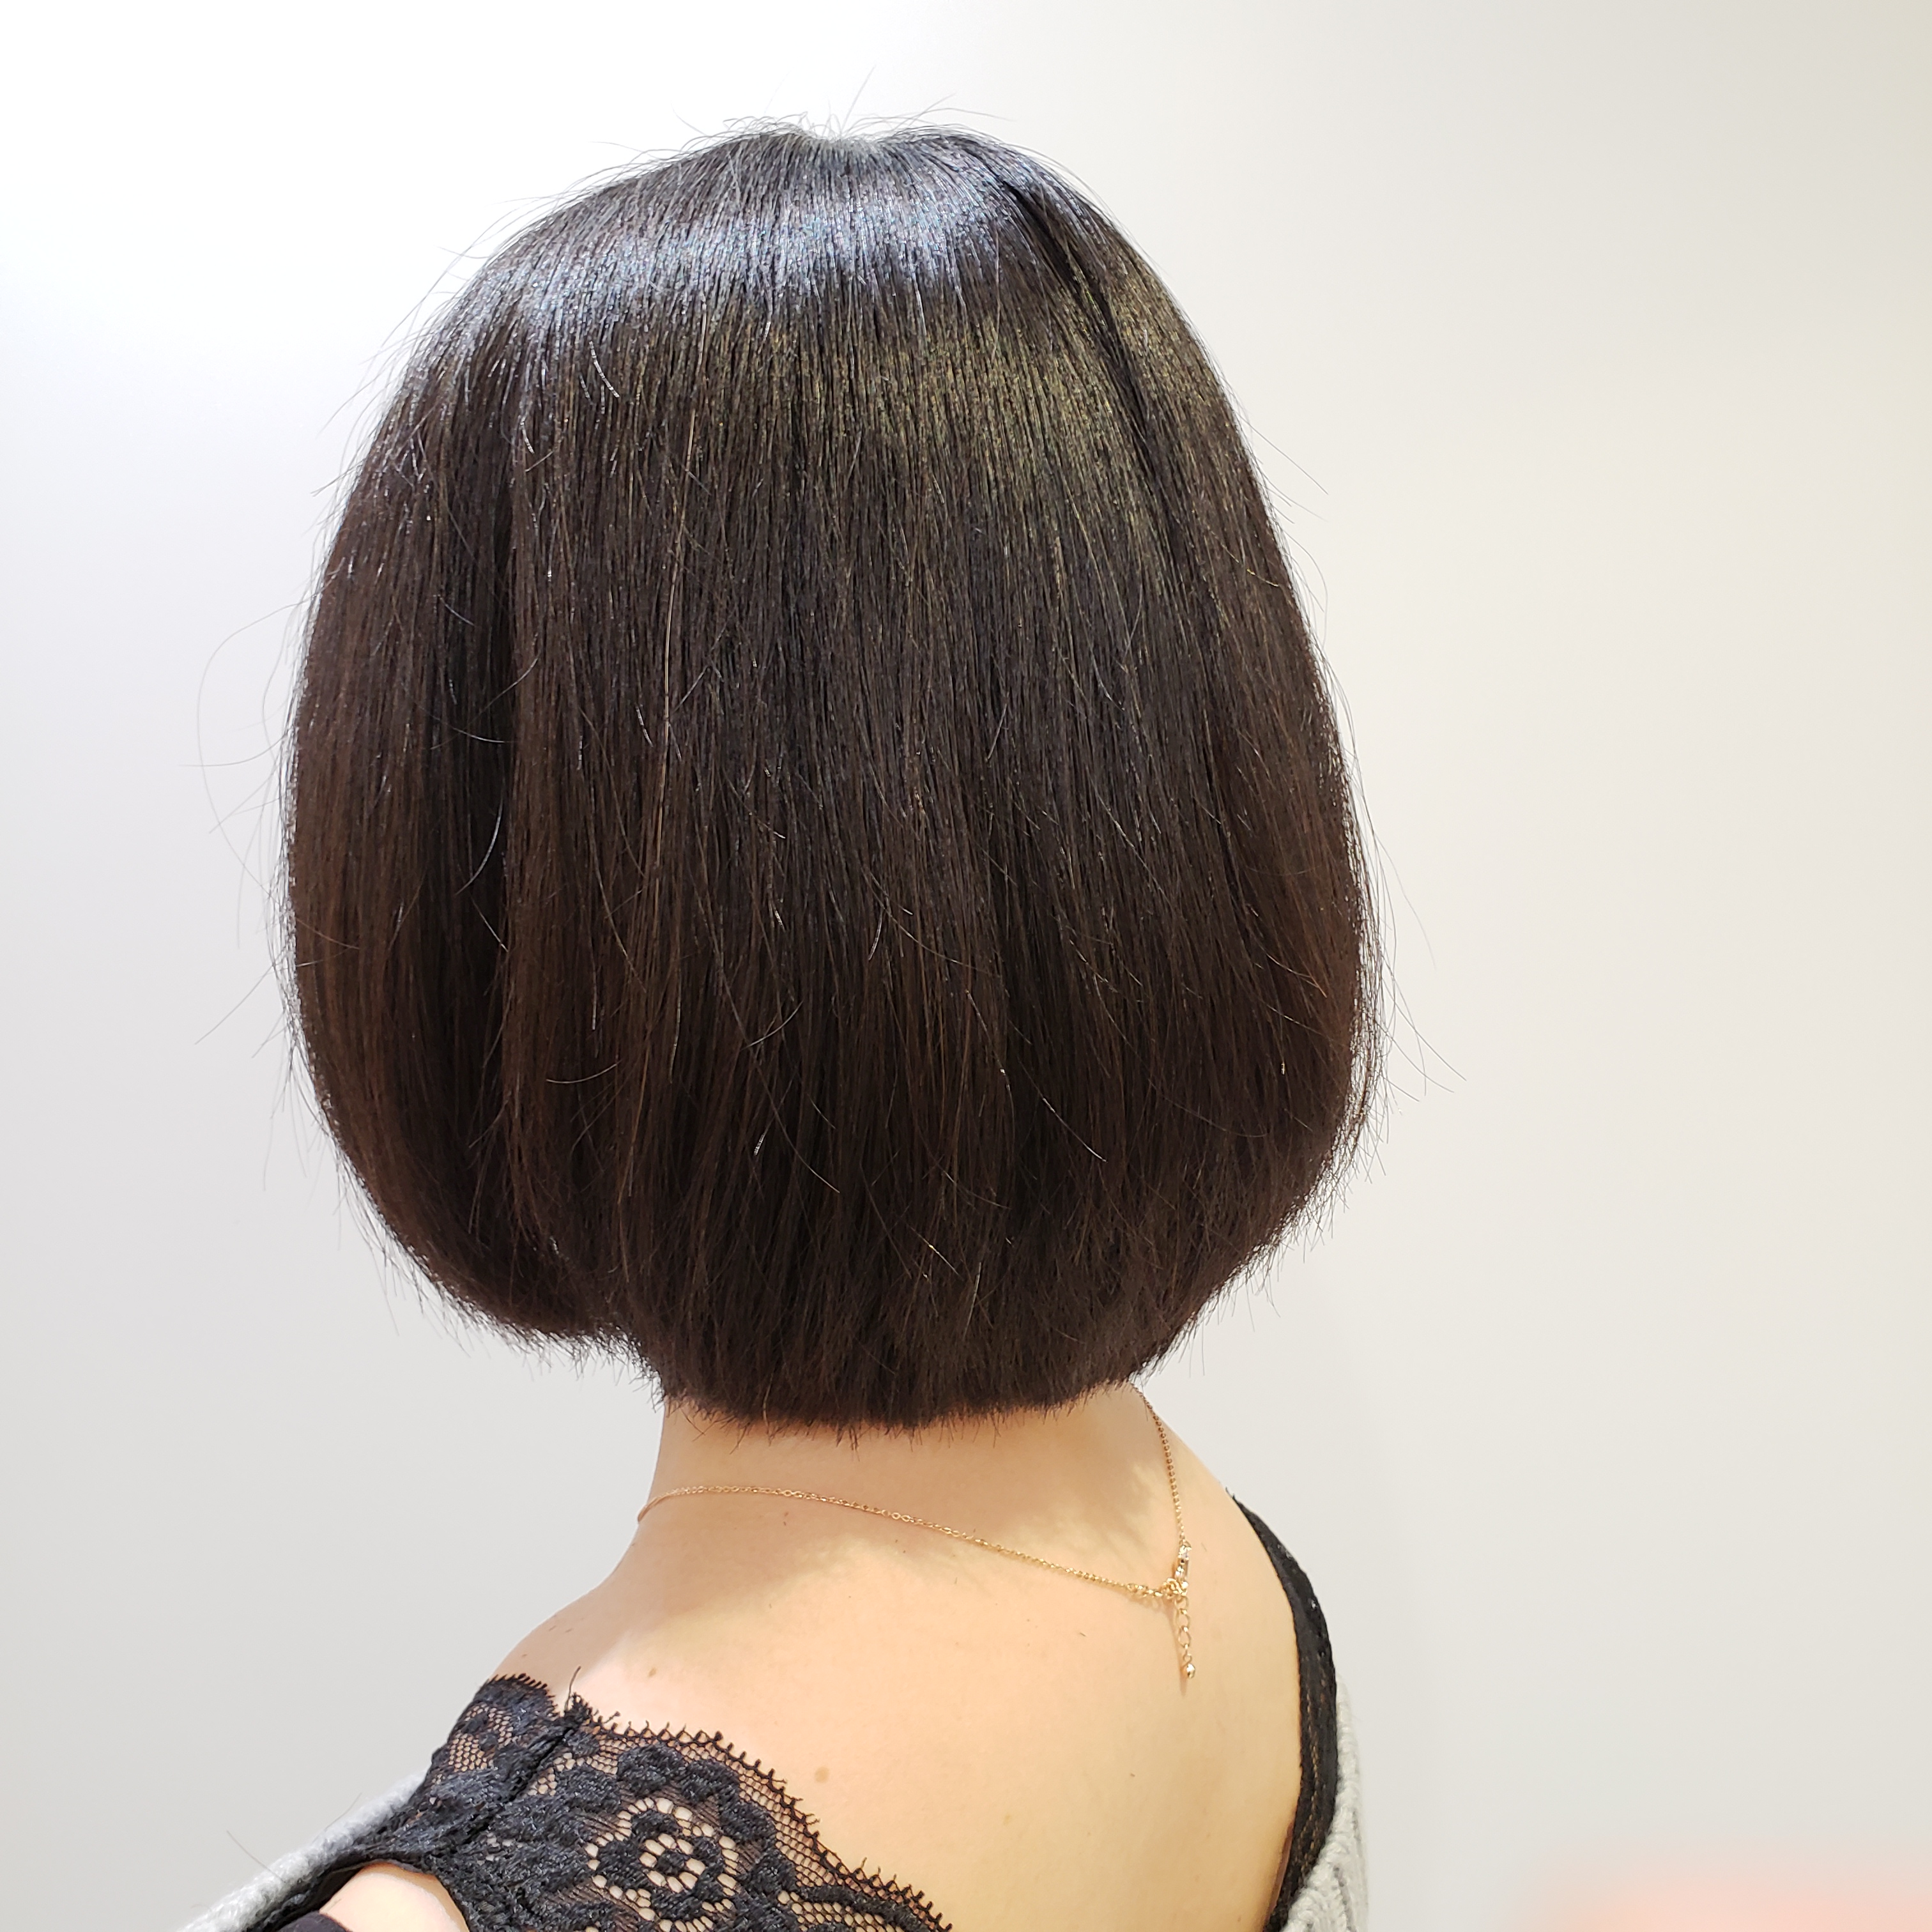 【髪を切るタイミングがわからない方必見】一年ぶりにカットしてみたら印象はどう変わるか?